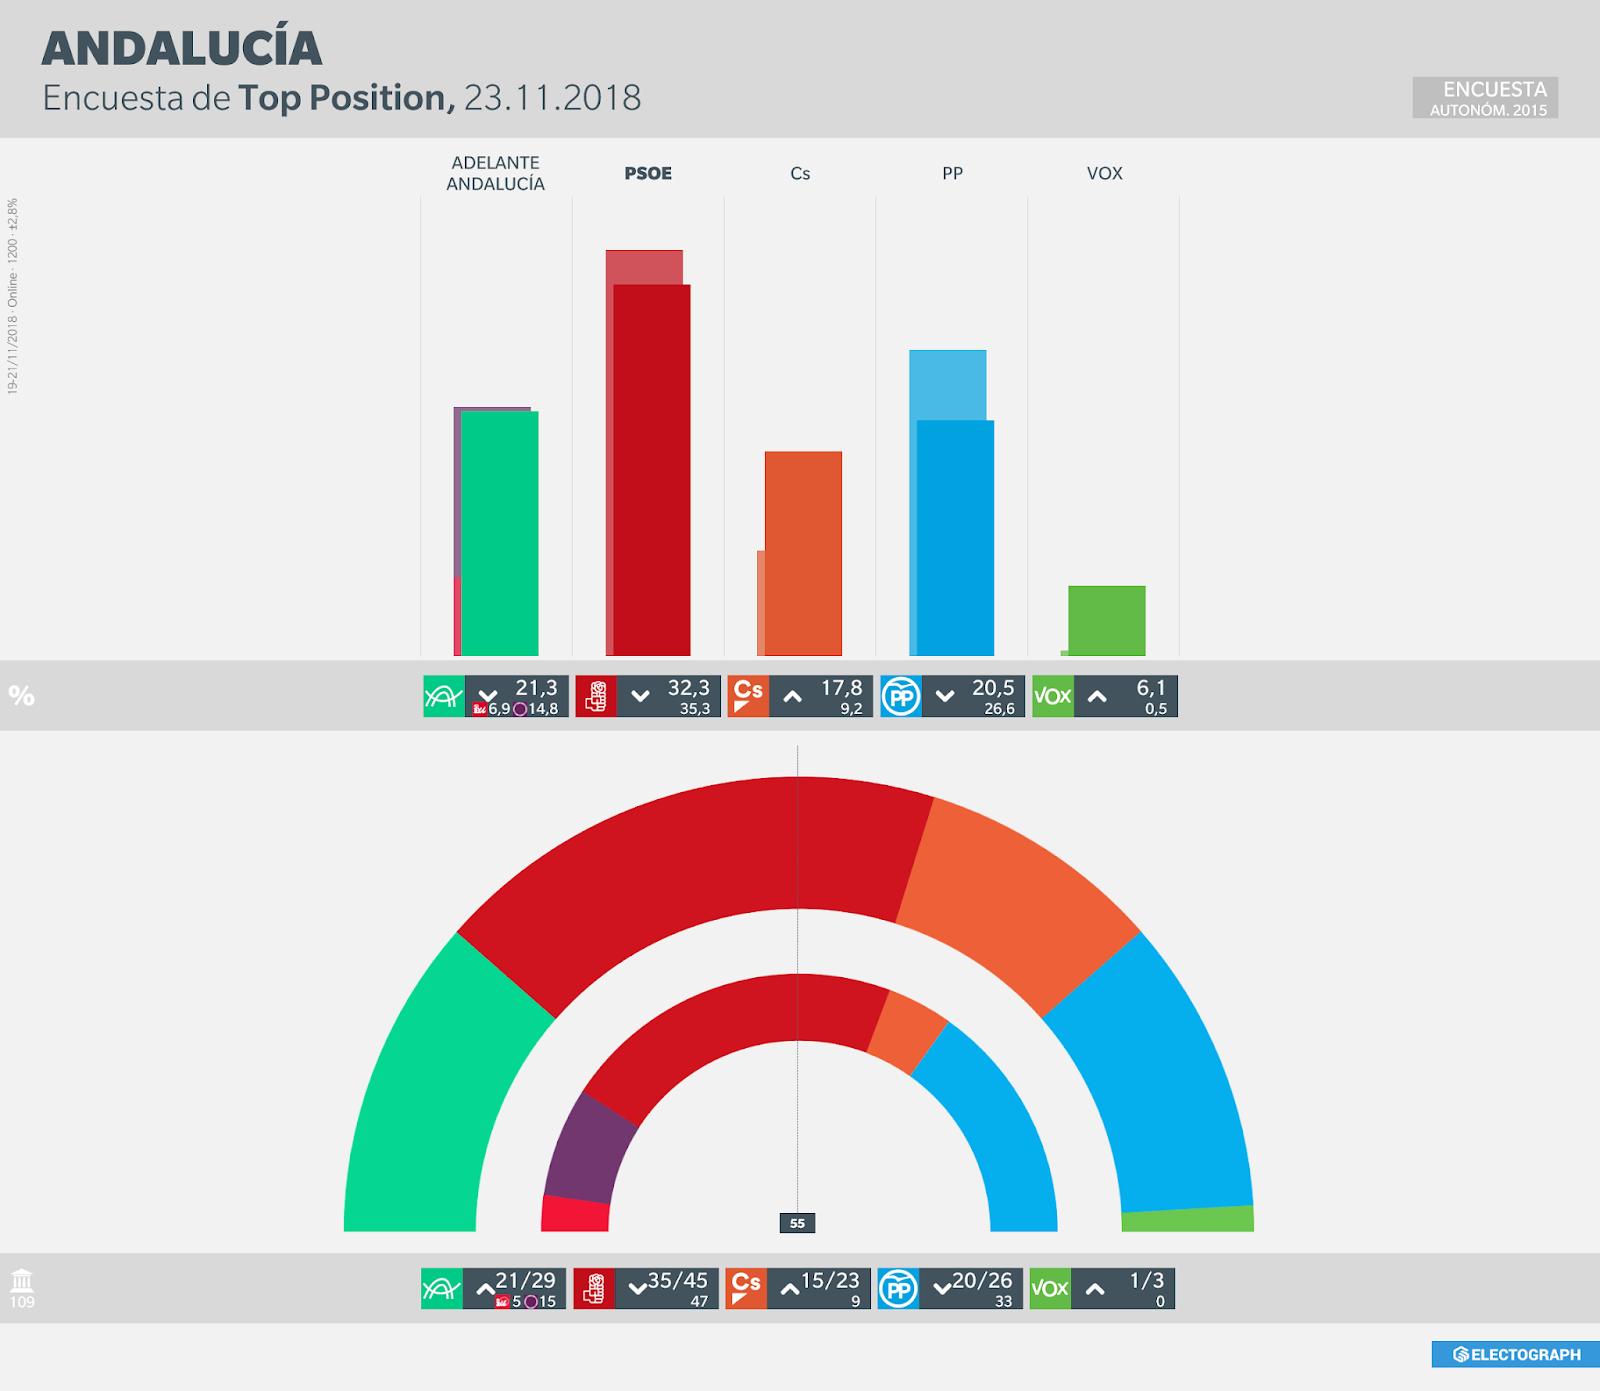 Gráfico de la encuesta para elecciones autonómicas en Andalucía realizada por Top Position en noviembre de 2018